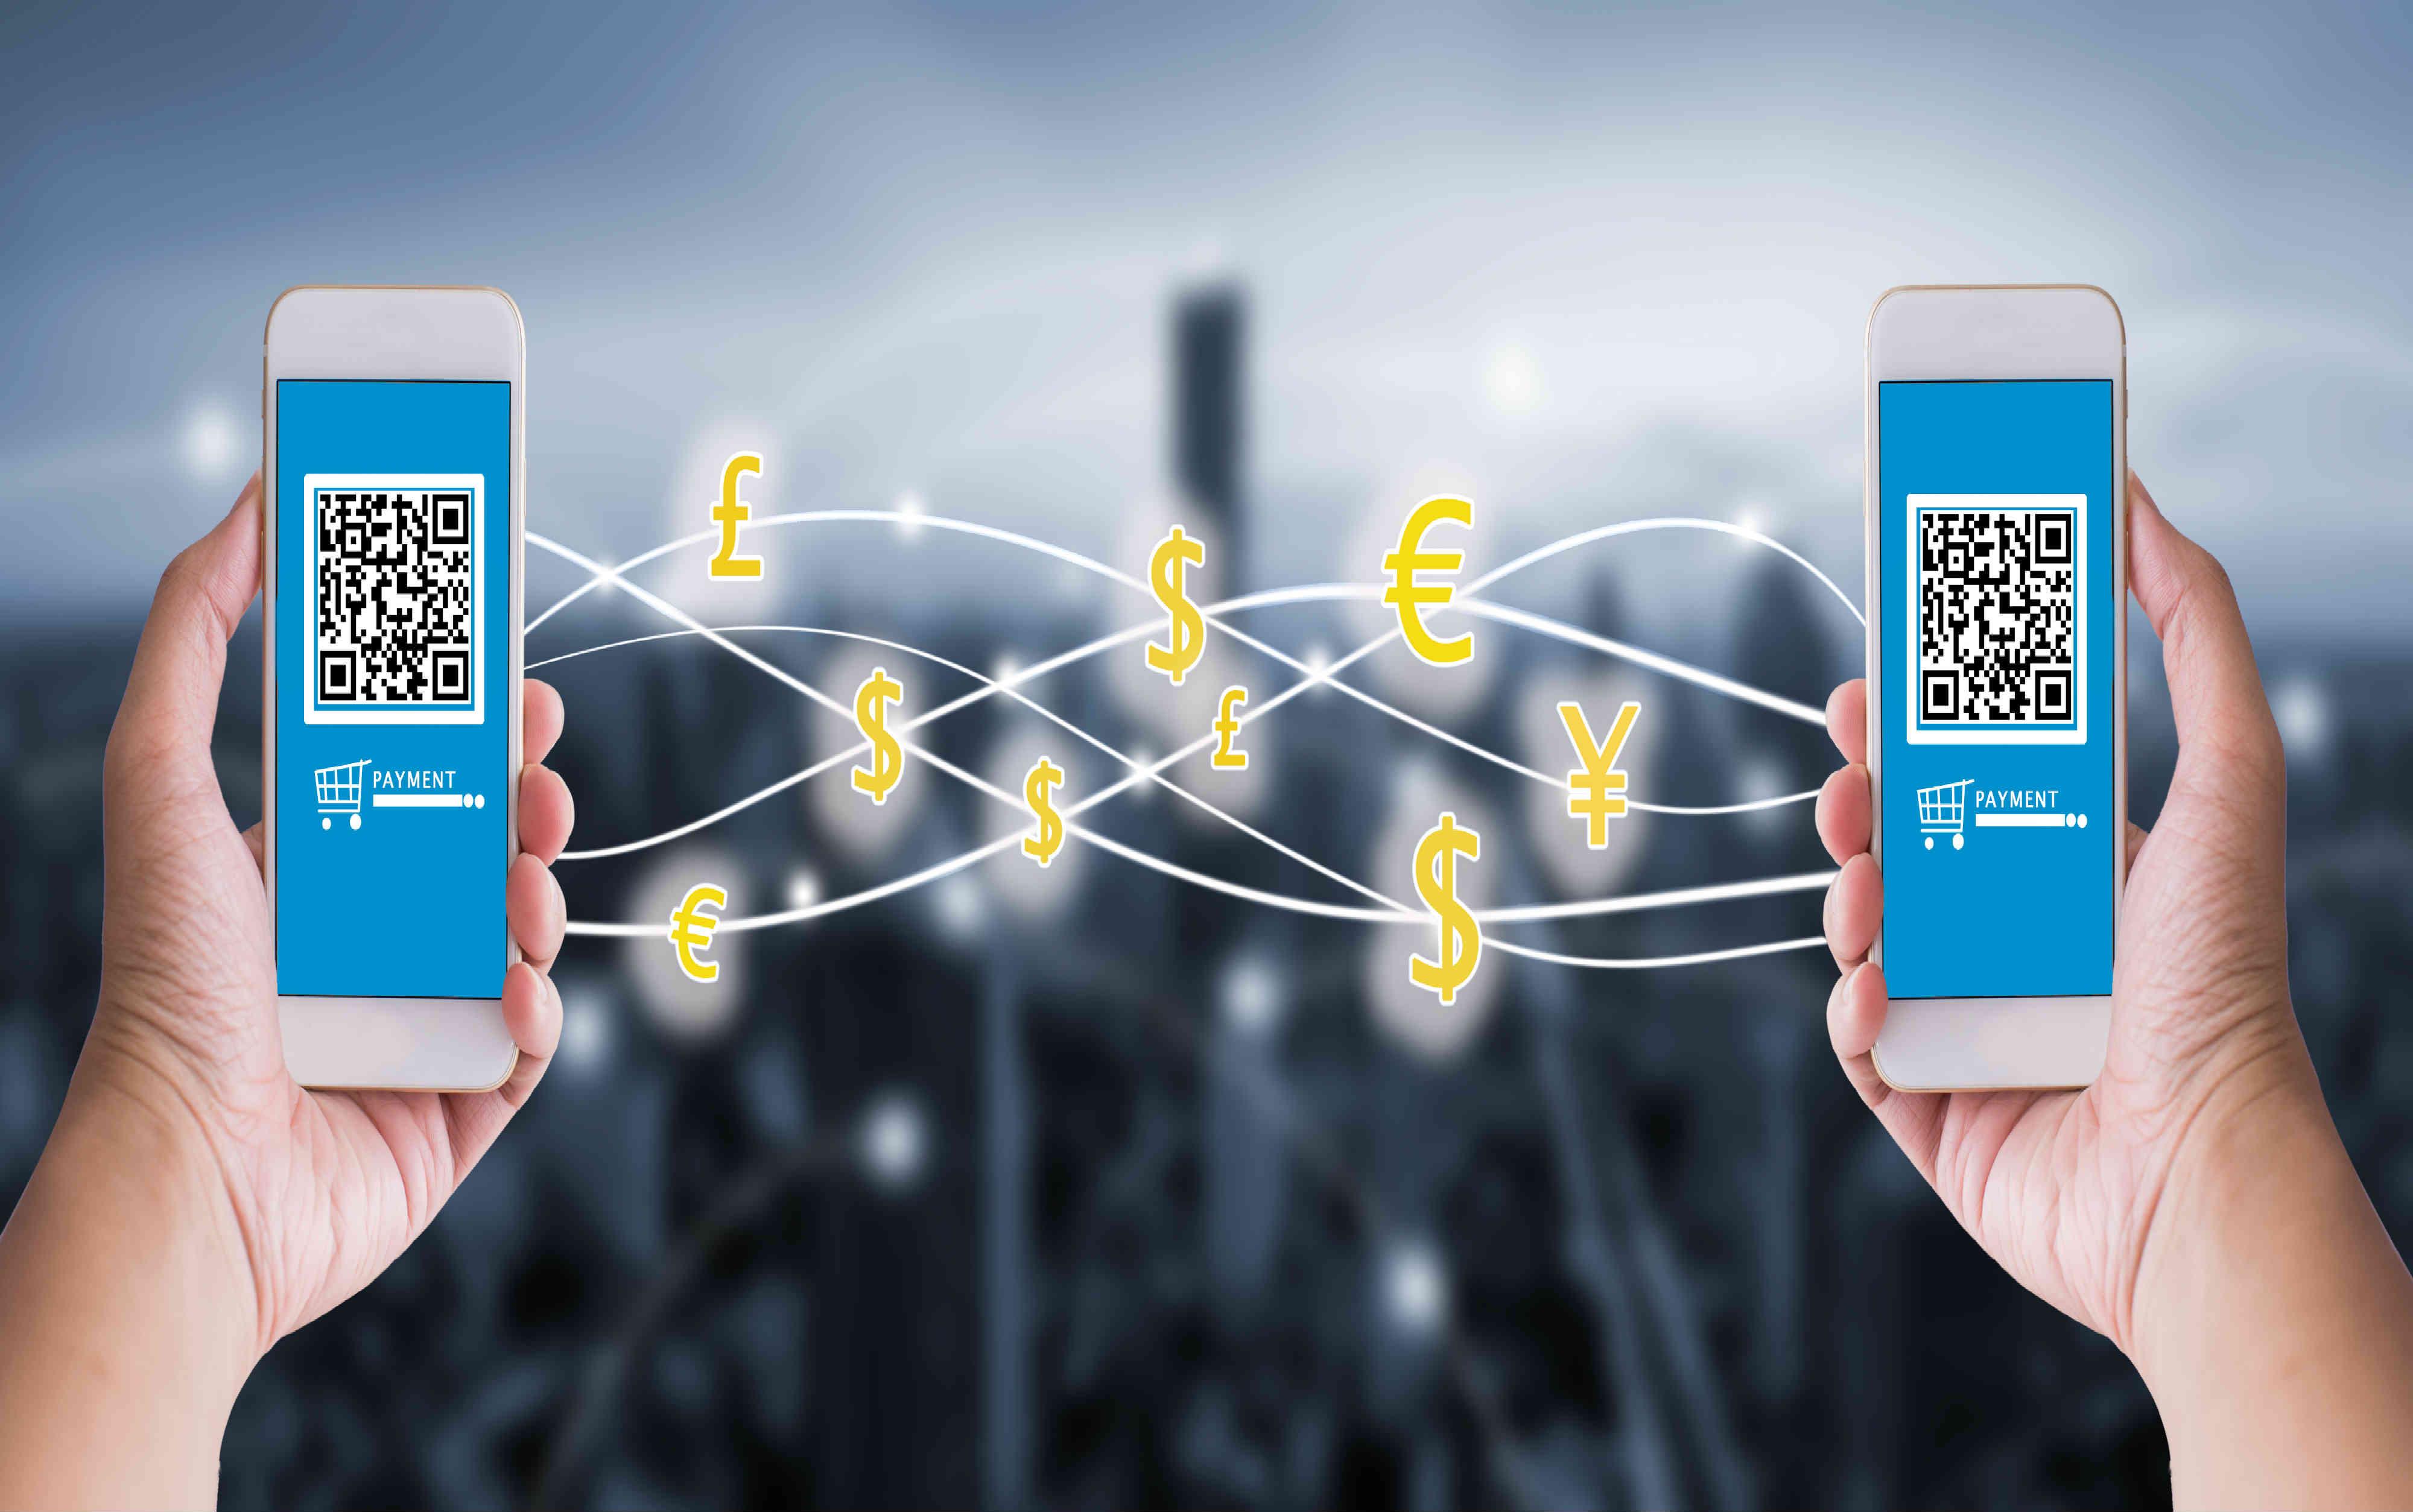 携帯乗り換え(MNP)でモバイルSuicaのデータ移行の手順まとめ!